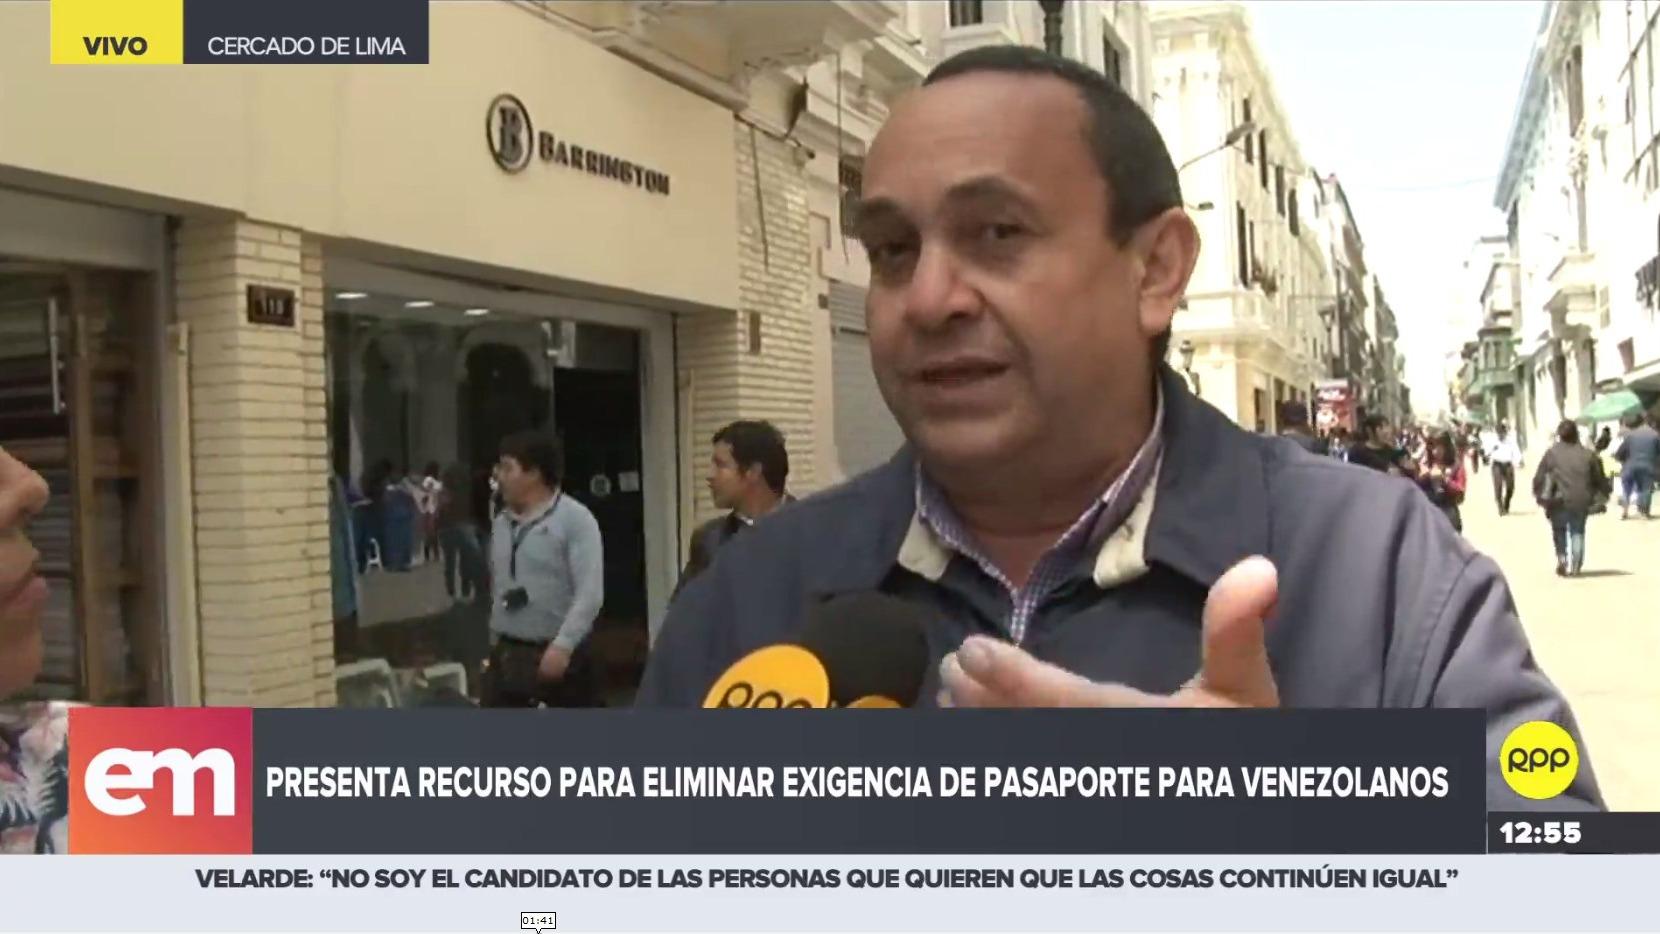 Venezolanos en Perú presentan recurso para eliminar de manera parcial la exigencia de pasaporte.